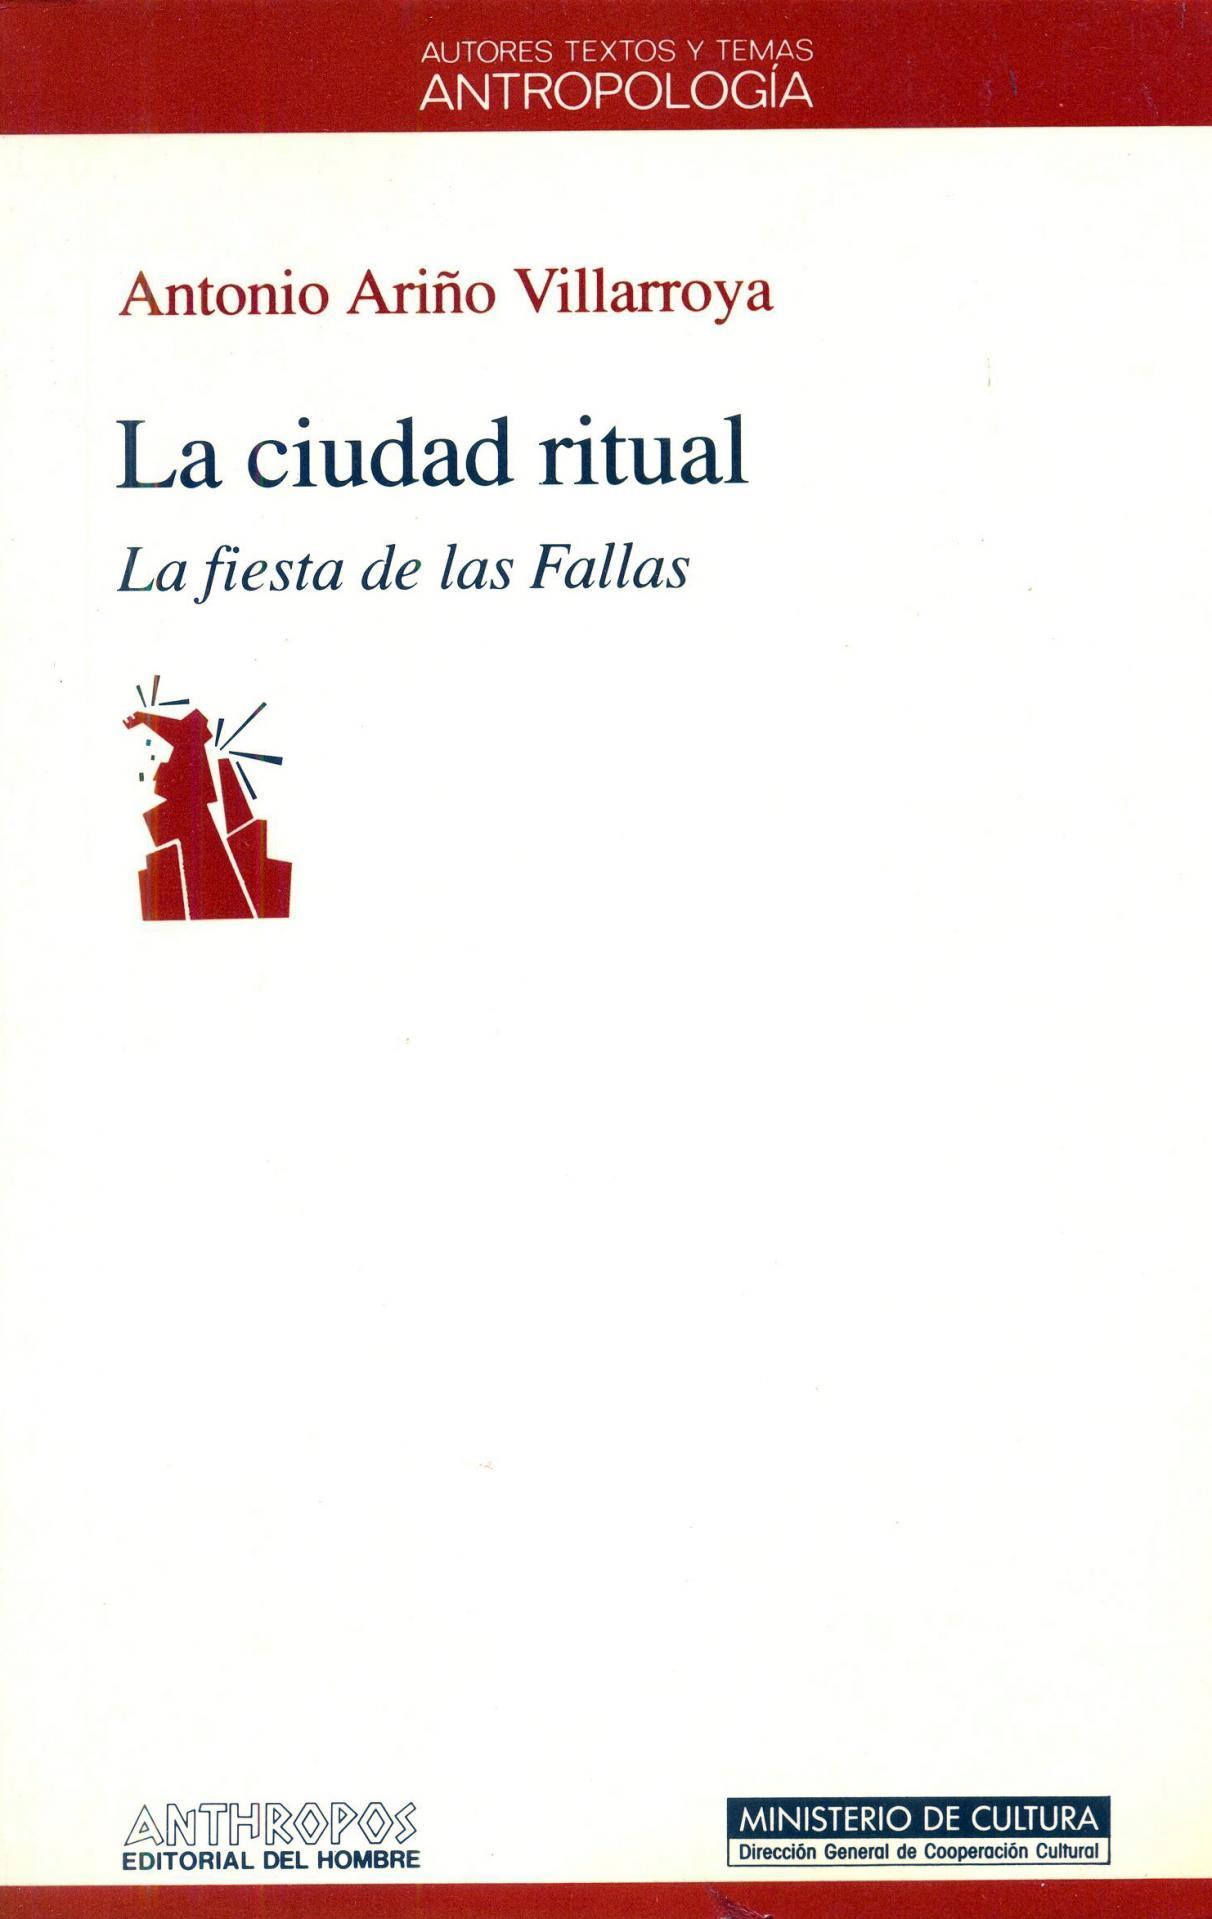 LA CIUDAD RITUAL. La fiesta de las fallas.  Ariño Villarroya, A.